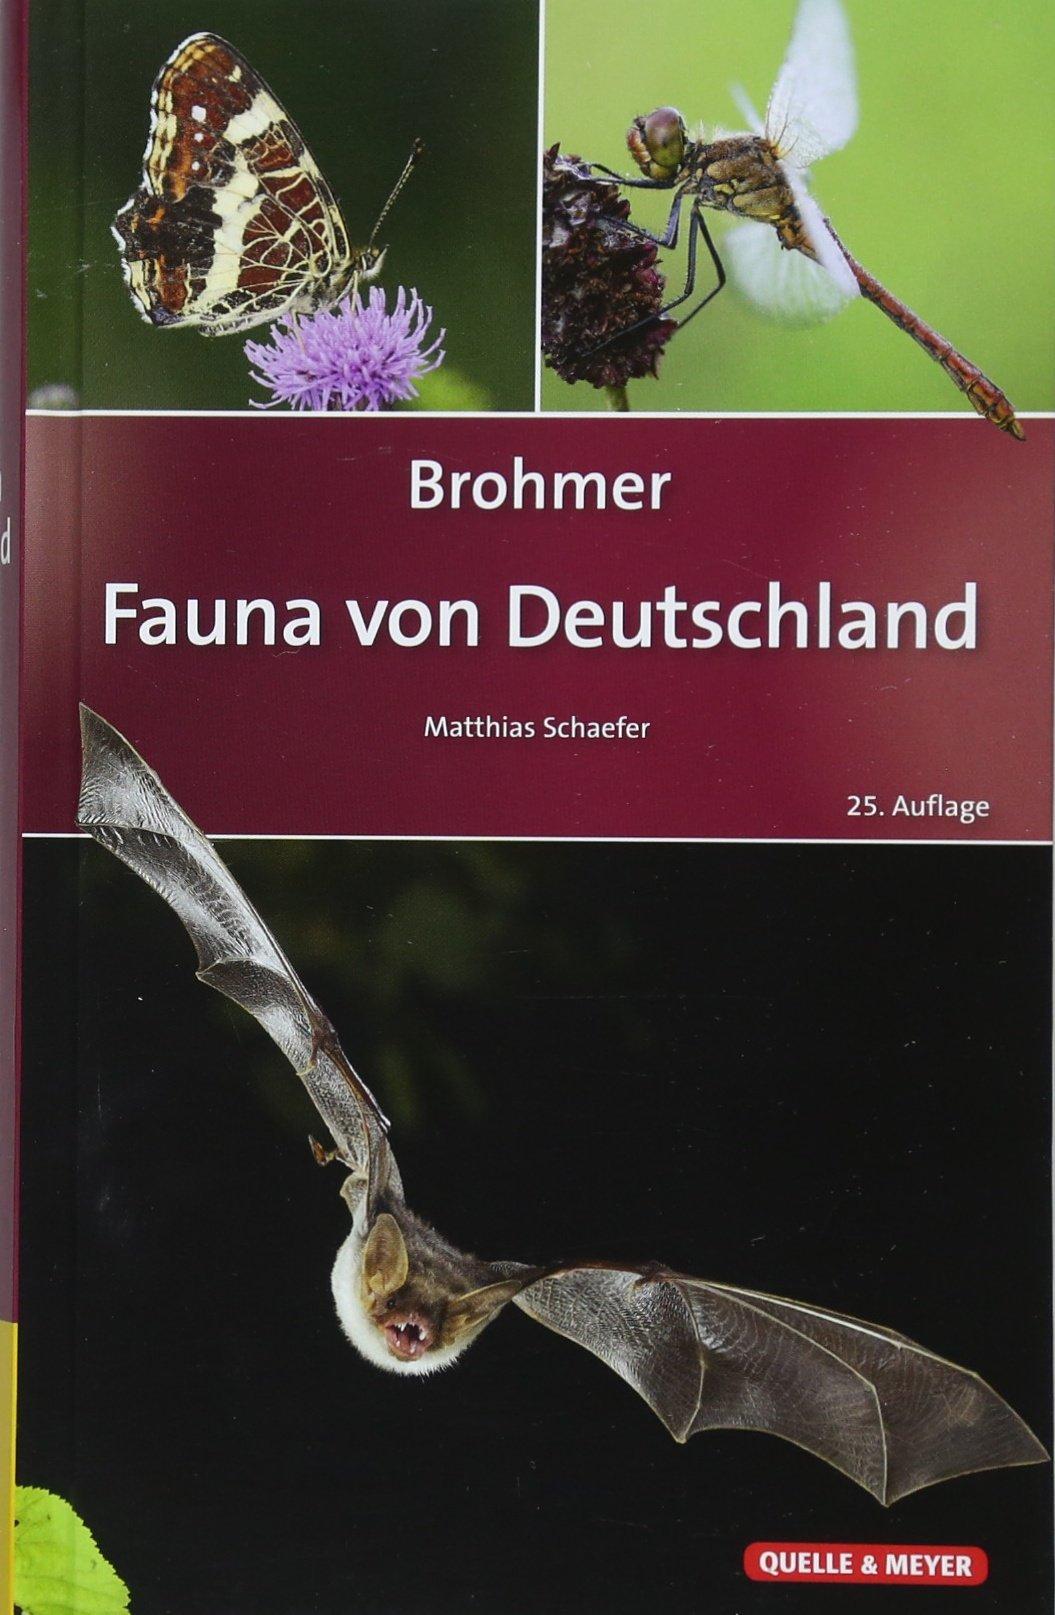 Brohmer – Fauna von Deutschland: Ein Bestimmungsbuch unserer heimischen Tierwelt (Quelle & Meyer Bestimmungsbücher)